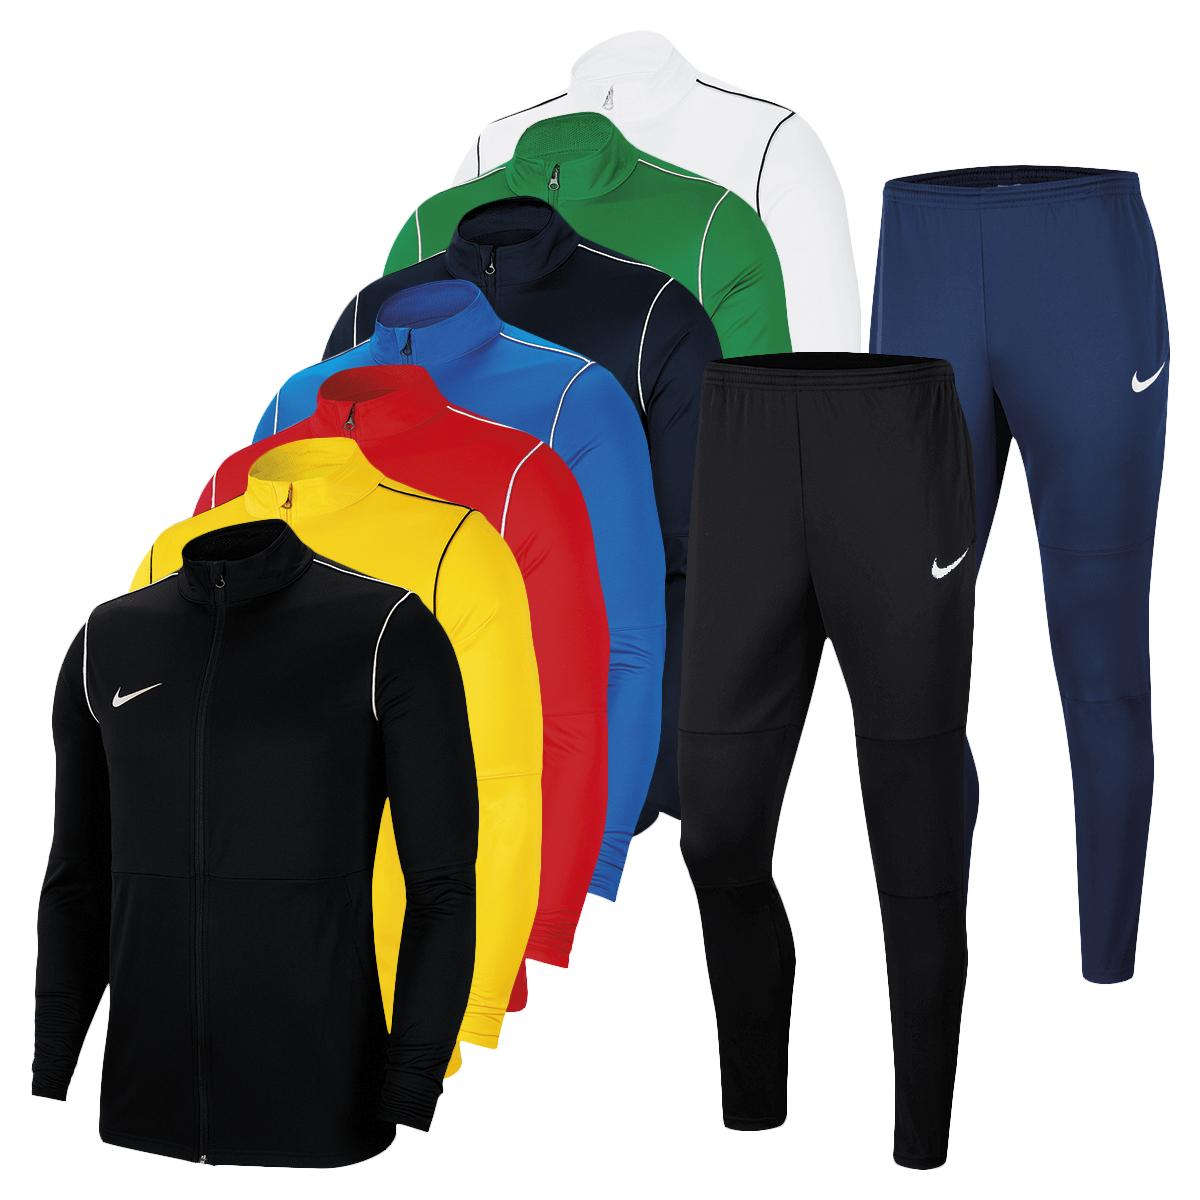 Nike Trainingsanzug Park 20 in vielen Farben - Größen S bis XXL